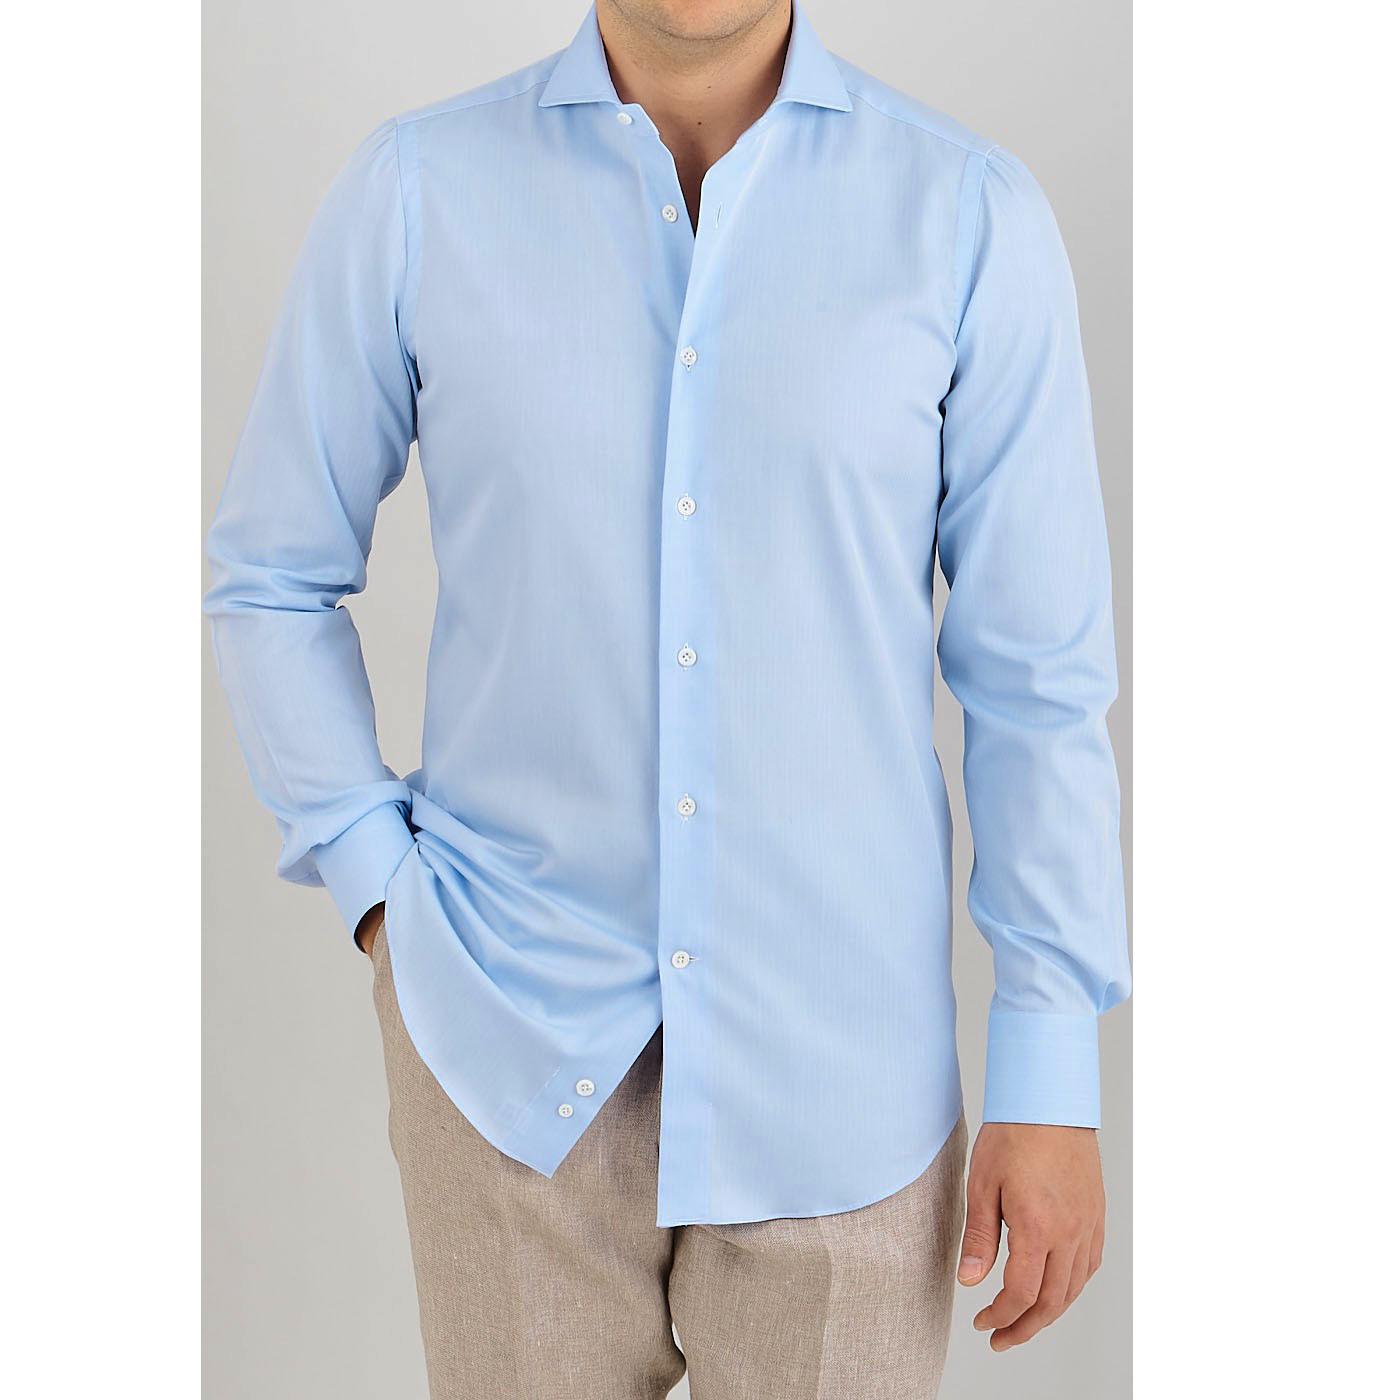 Mazzarelli Blue Cotton Herringbone Cutaway Slim Shirt Front kopiera